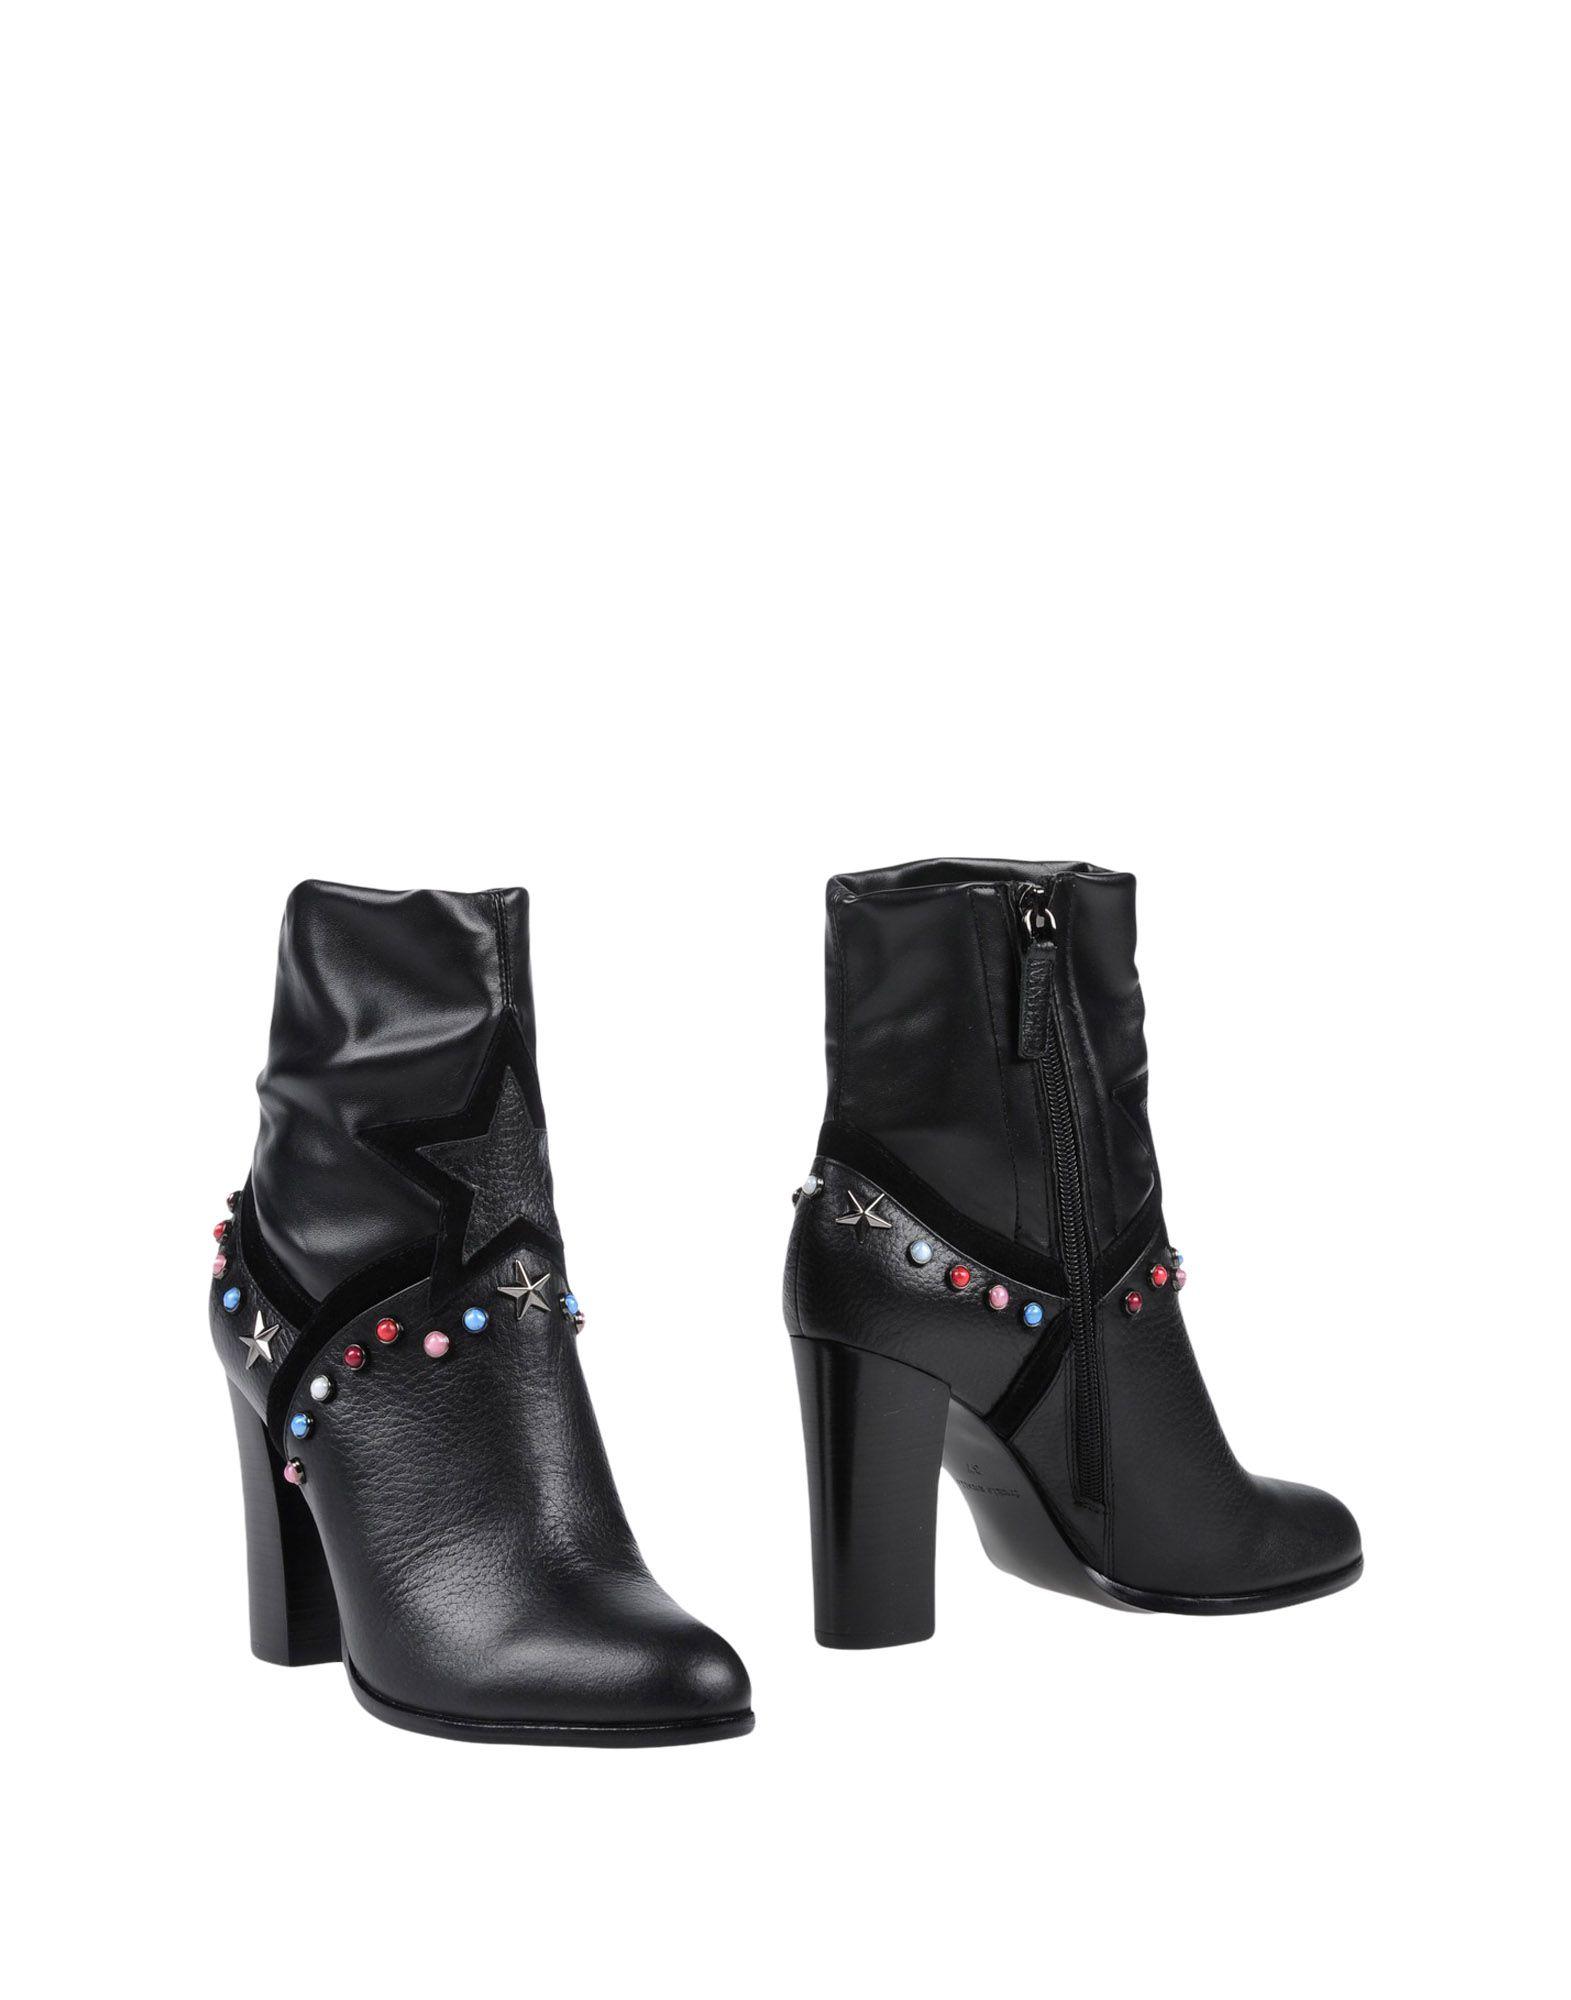 Frankie Morello Stiefelette Damen Schuhe  11450524MSGut aussehende strapazierfähige Schuhe Damen 37290f